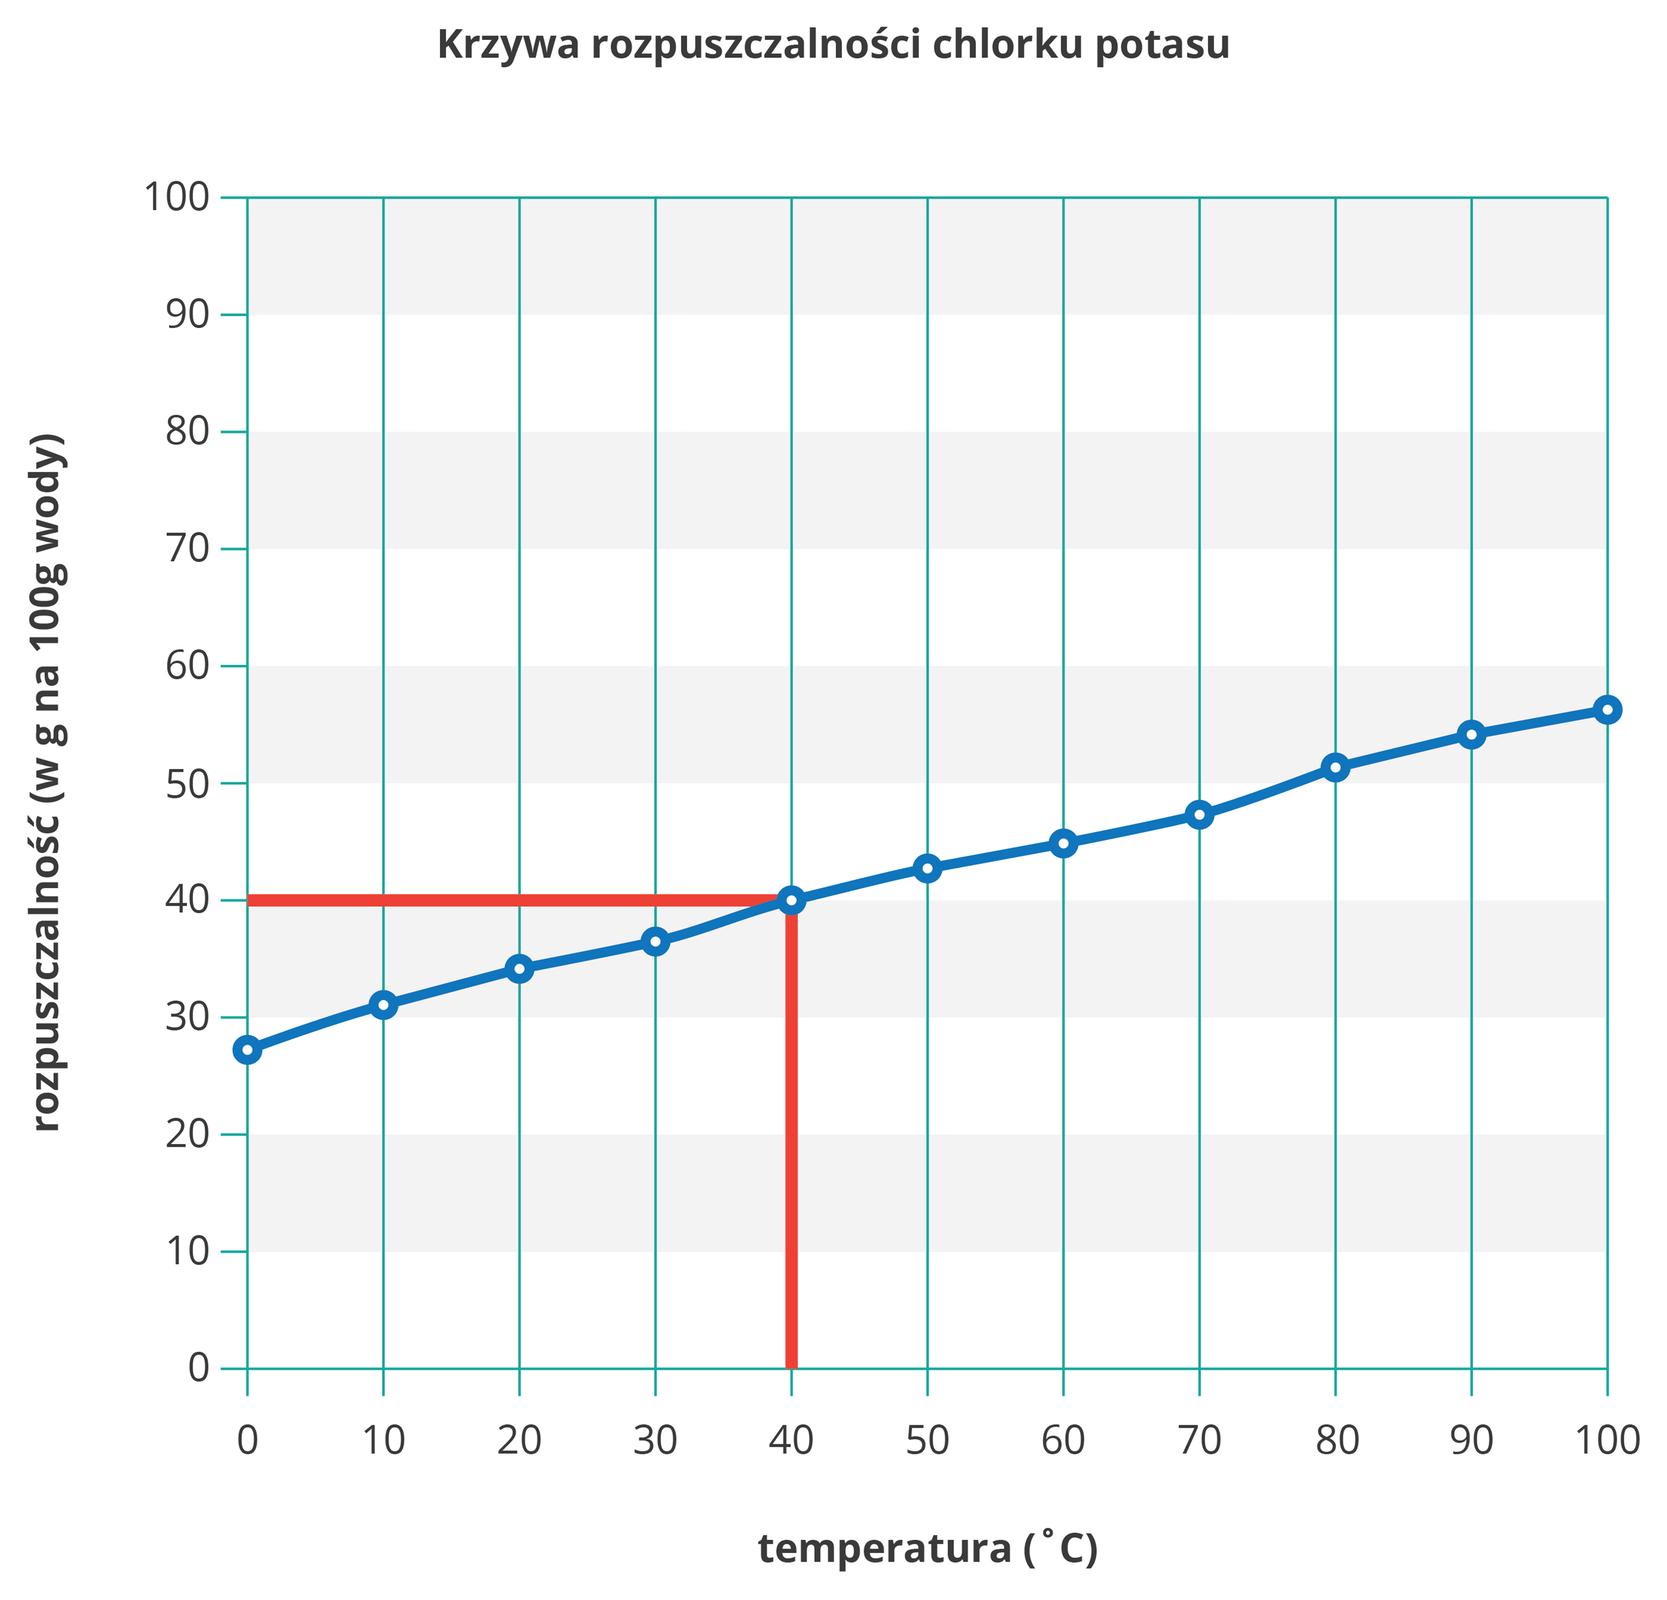 Ilustracja przedstawia wykres krzywej rozpuszczalności chlorku potasu wwodzie zwyróżnionym za pomocą za pomocą dwóch czerwonych kresek, pionowej ipoziomej, rozpuszczalności dla czterdziestu stopni Celsjusza. Sama krzywa rozpoczyna się wwartości około dwudziestu siedmiu gramów na sto gramów wody dla temperatury zero stopni Celsjusza, akończy na około pięćdziesięciu sześciu gramach na sto gramów wody przy stu stopniach Celsjusza. Przyrost jest wprzybliżeniu jednostajny.